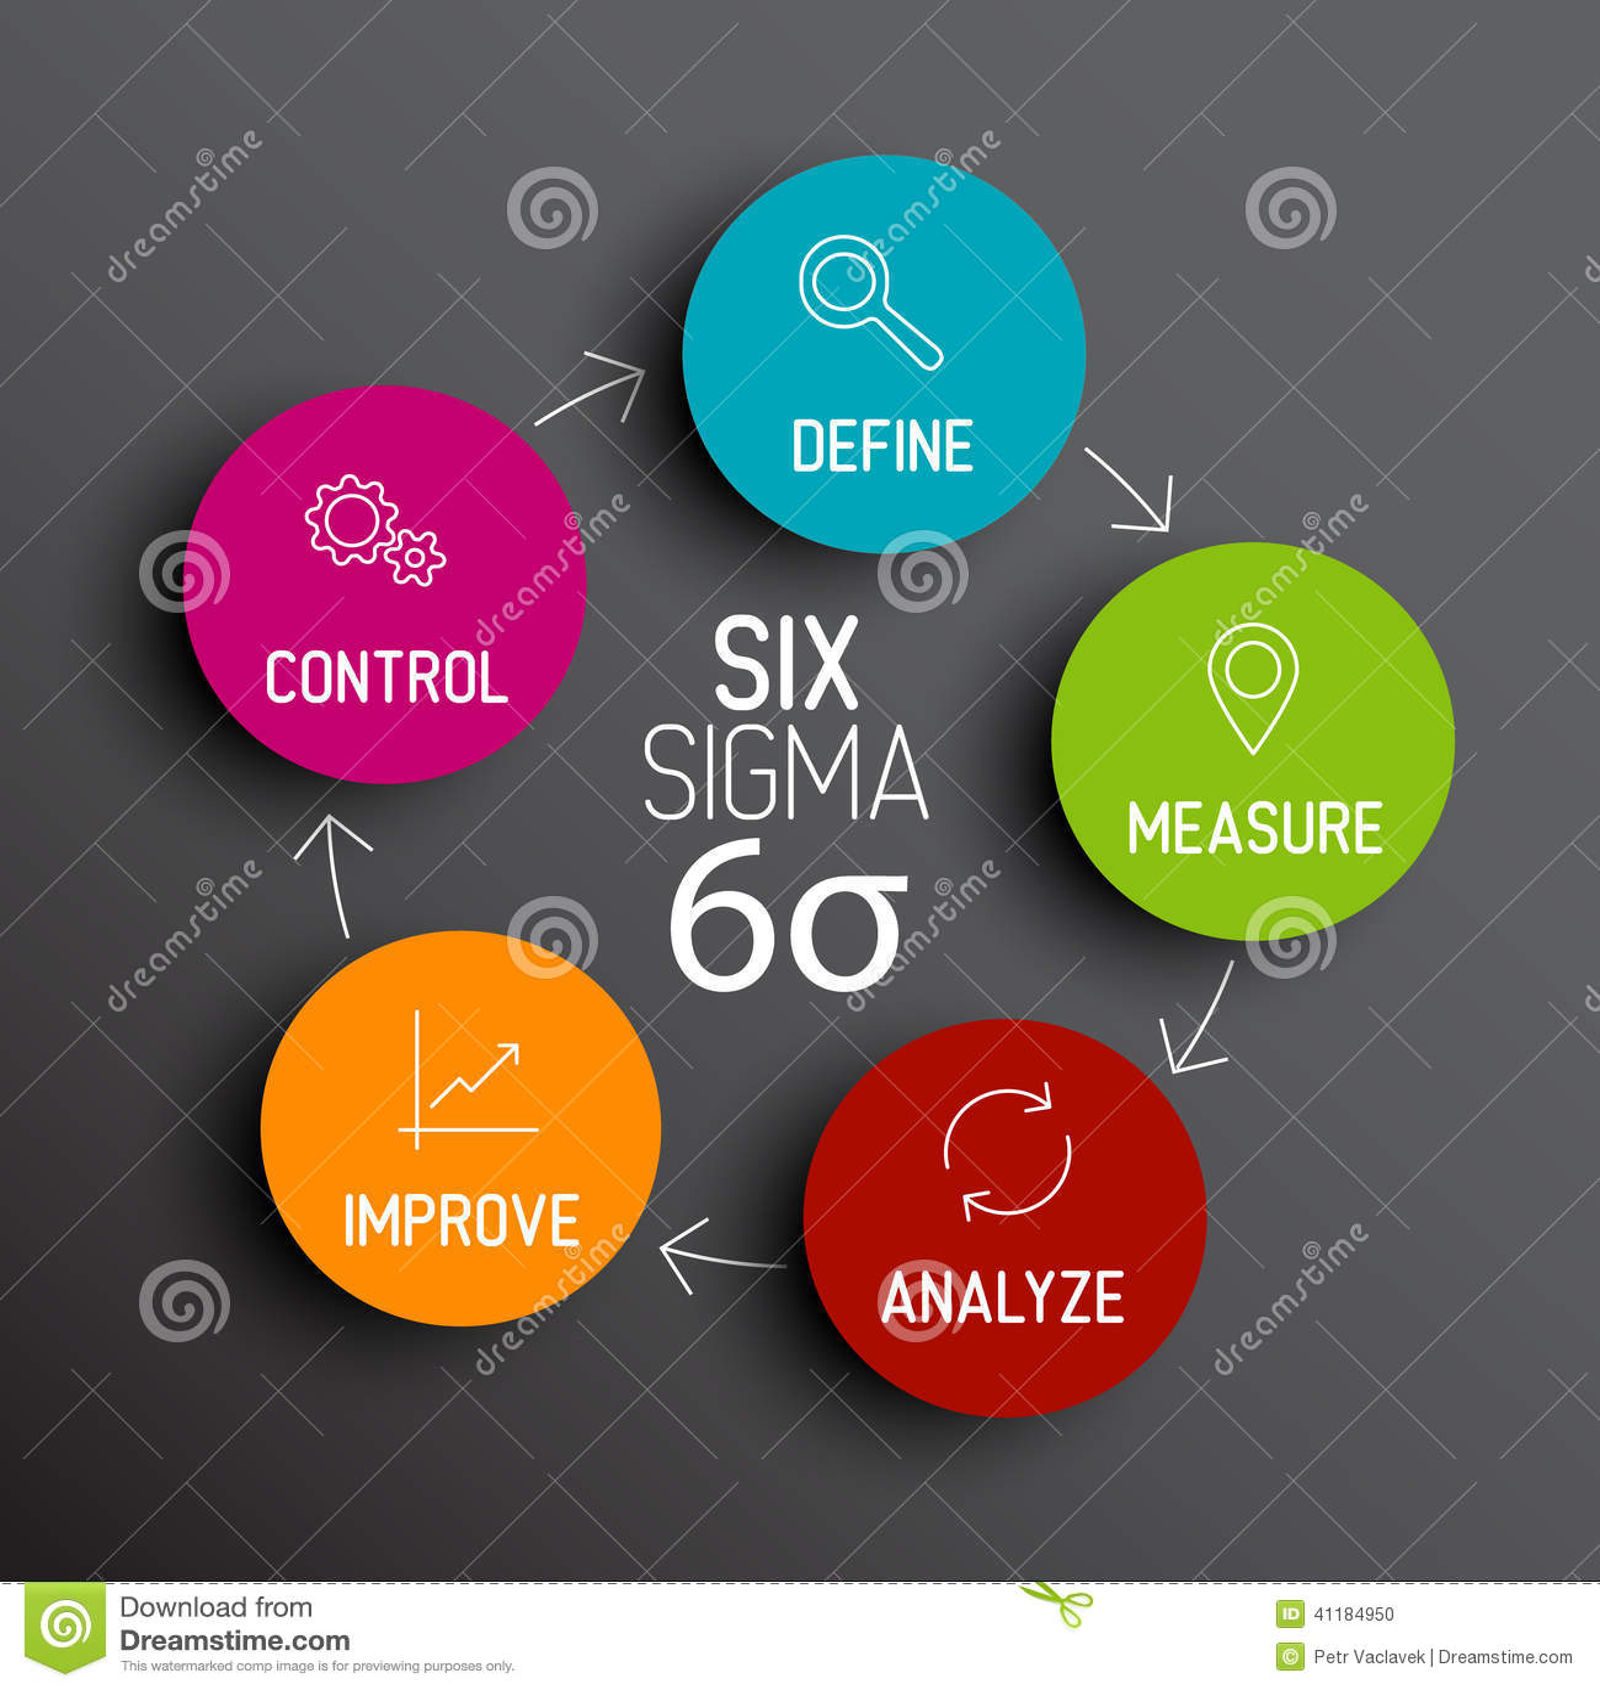 Six Sigma Diagram Scheme Concept Stock Vector